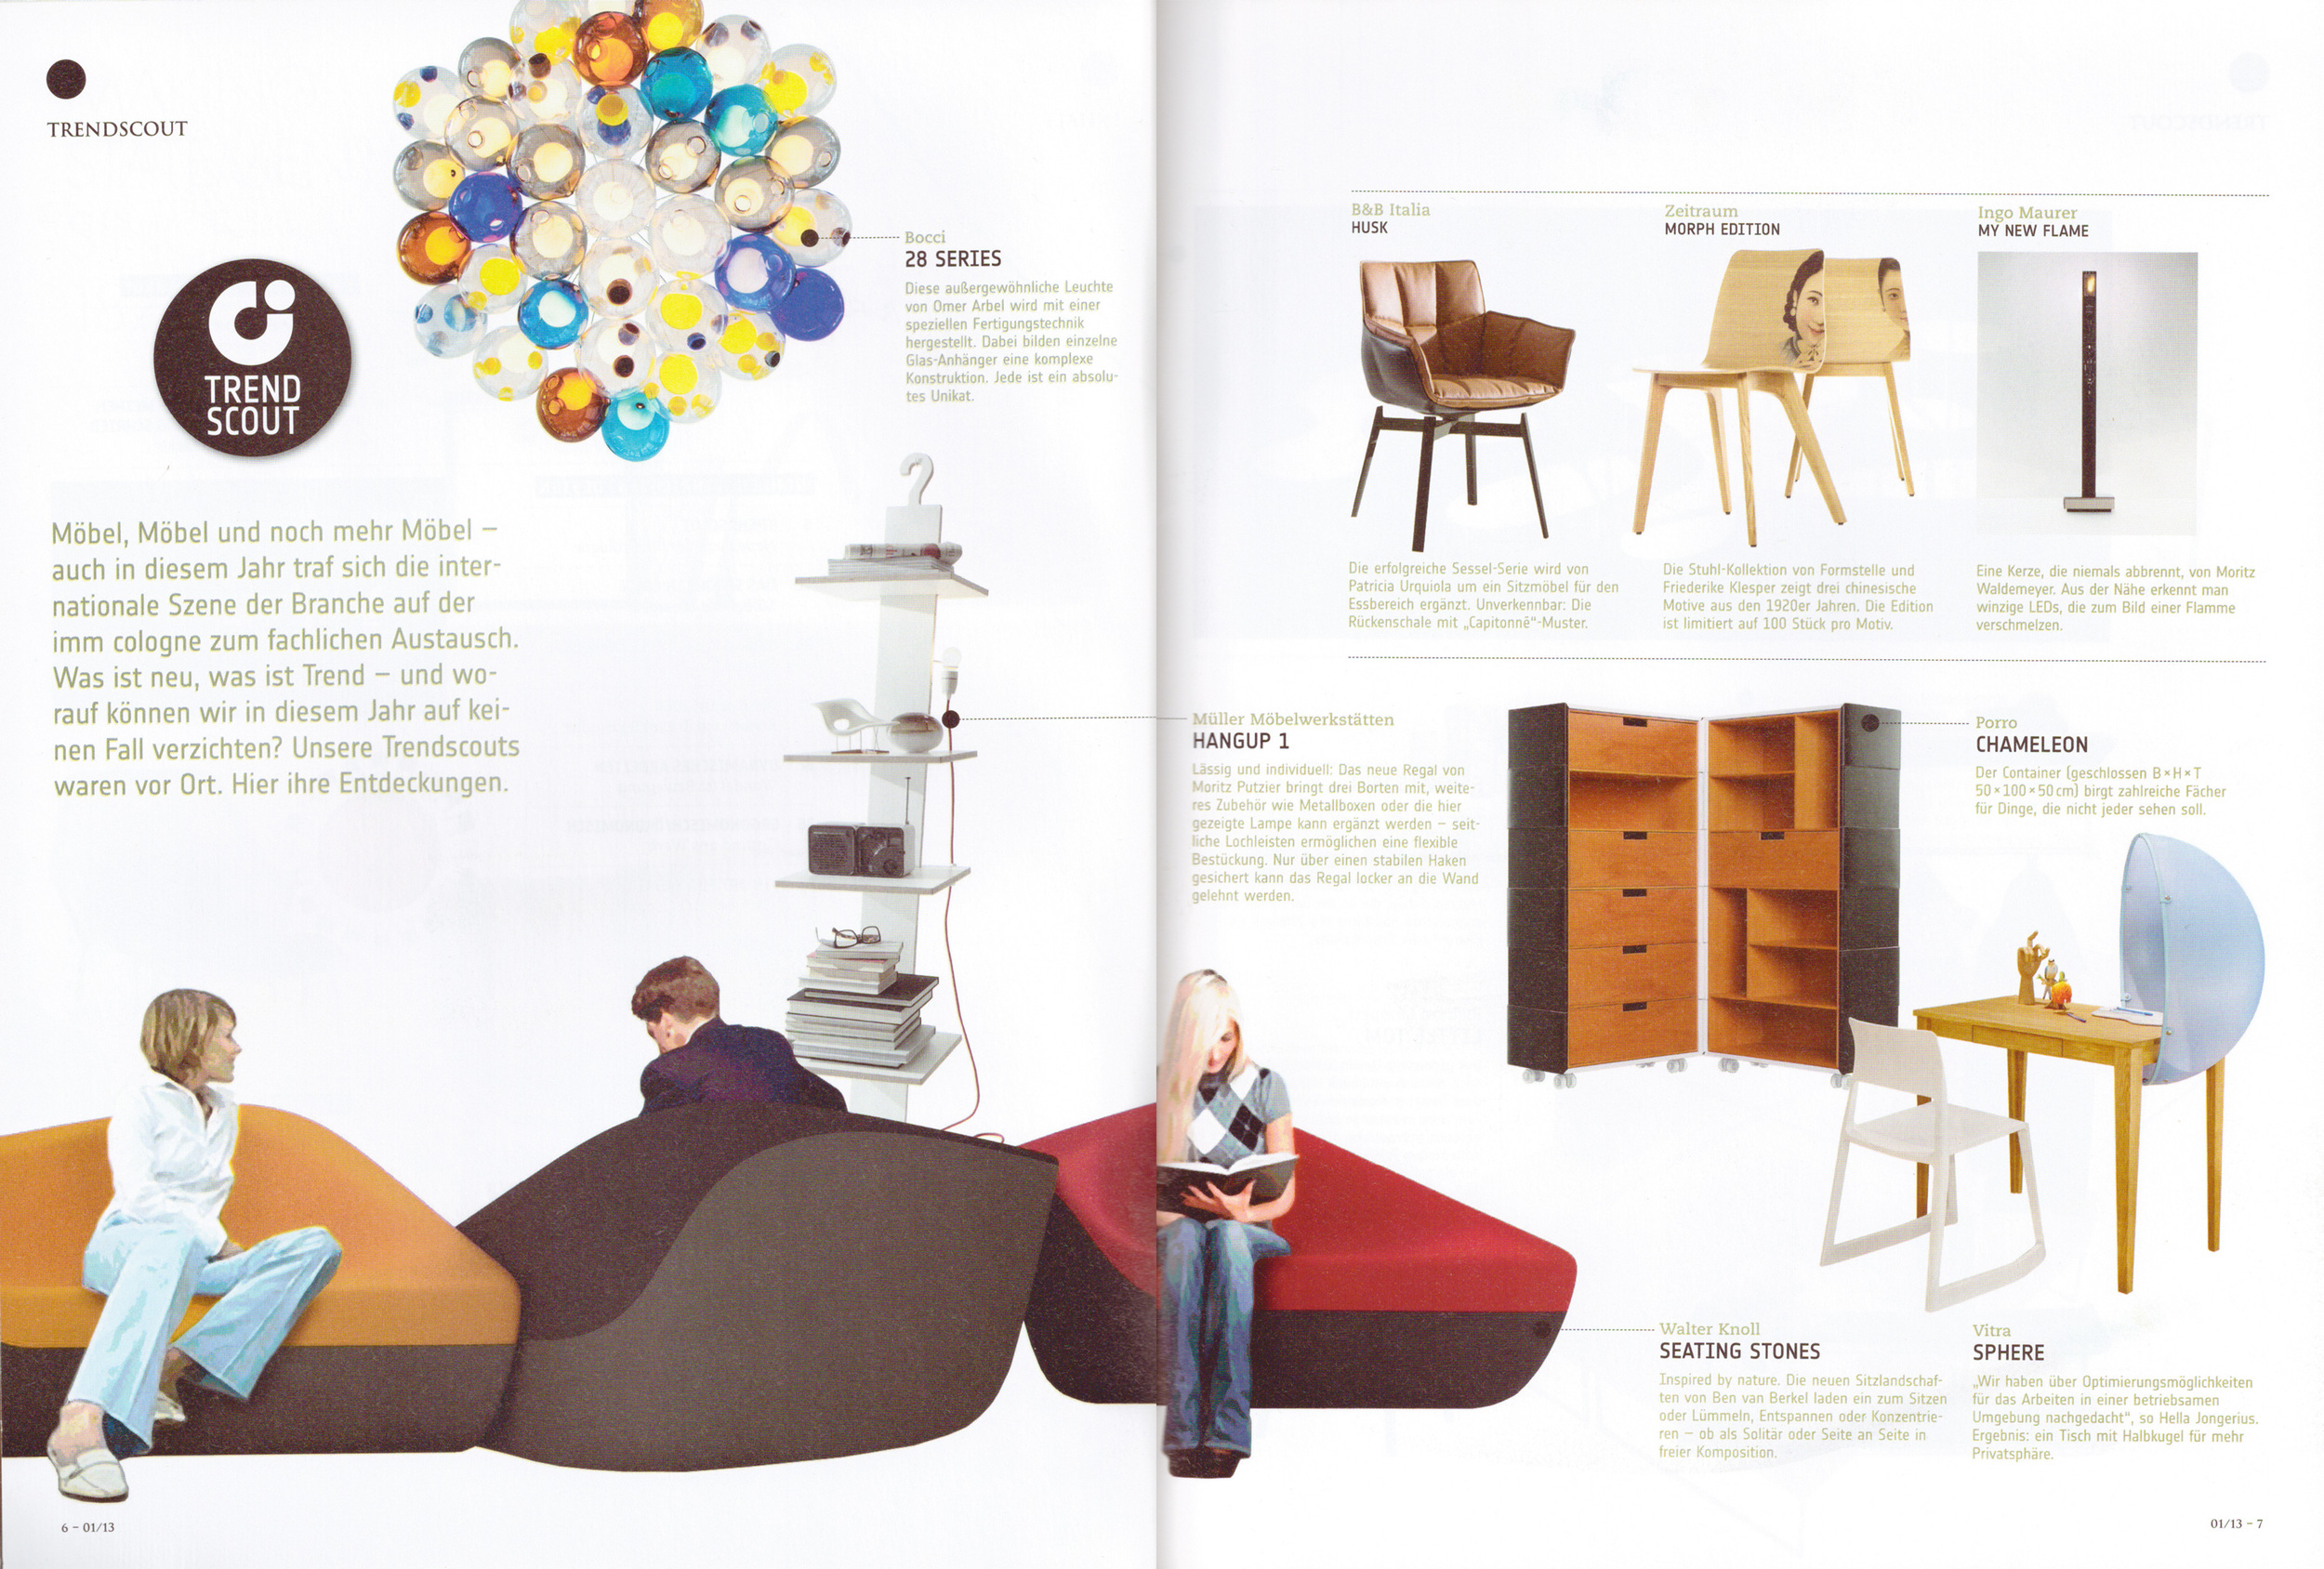 POPO Magazine